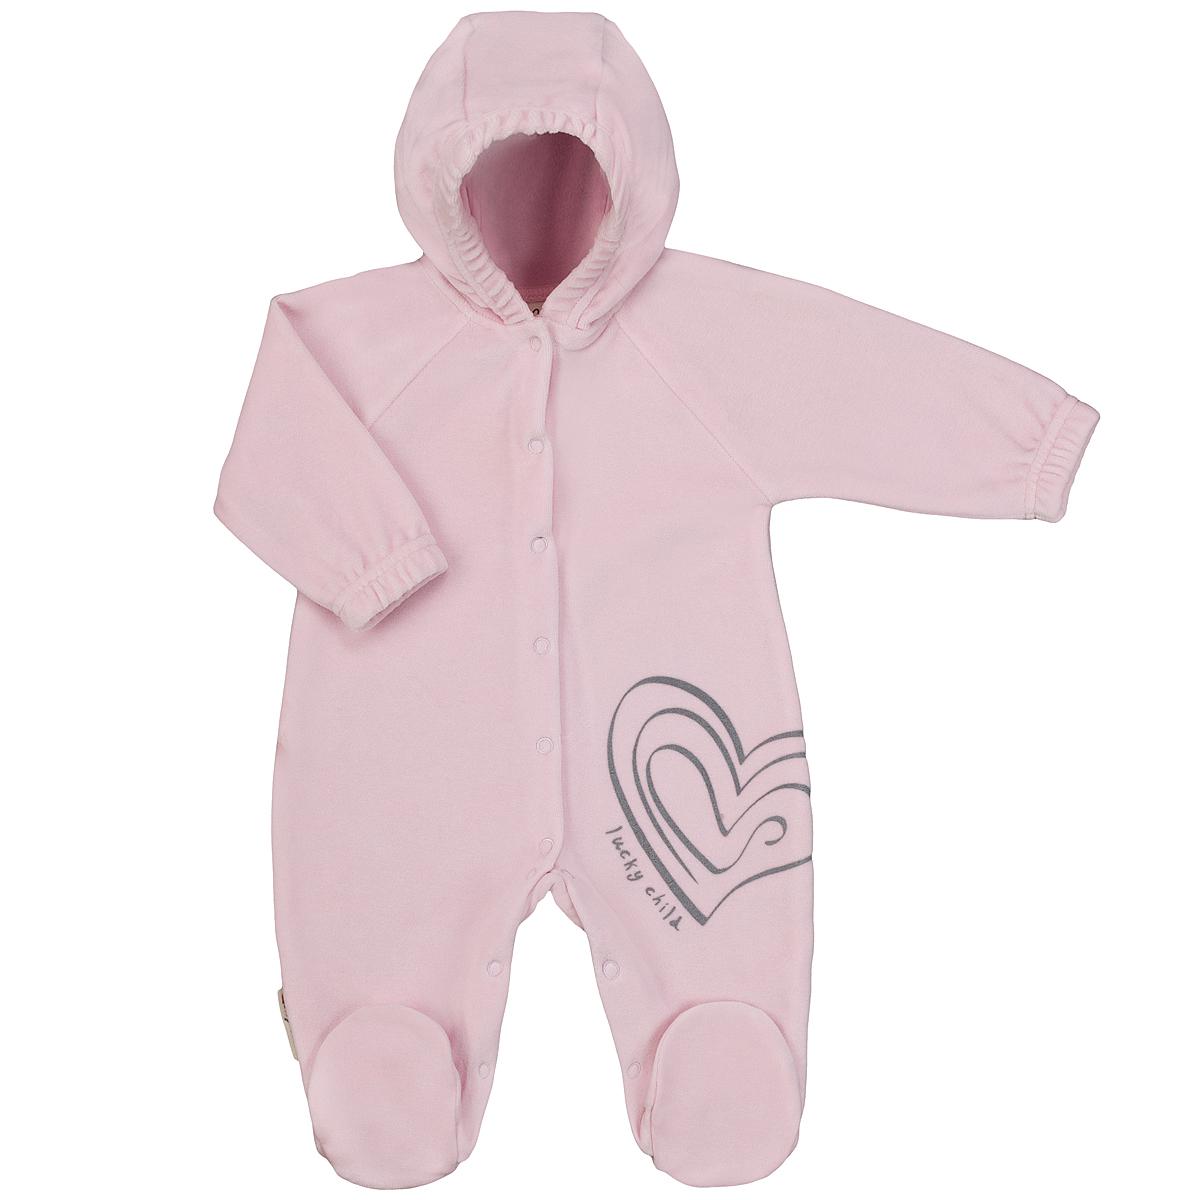 Комбинезон домашний2-21Детский комбинезон с капюшоном для девочки Lucky Child - очень удобный и практичный вид одежды для малышей. Комбинезон выполнен из велюра, благодаря чему он необычайно мягкий и приятный на ощупь, не раздражают нежную кожу ребенка и хорошо вентилируются, а эластичные швы приятны телу малышки и не препятствуют ее движениям. Комбинезон с длинными рукавами-реглан и закрытыми ножками имеет застежки-кнопки по центру от горловины до щиколоток, которые помогают легко переодеть младенца или сменить подгузник. Спереди он оформлен оригинальным принтом в виде сердечка. Рукава понизу дополнены неширокими эластичными манжетами, не перетягивающими запястья. С детским комбинезоном Lucky Child спинка и ножки вашей малышки всегда будут в тепле. Комбинезон полностью соответствует особенностям жизни младенца в ранний период, не стесняя и не ограничивая его в движениях!